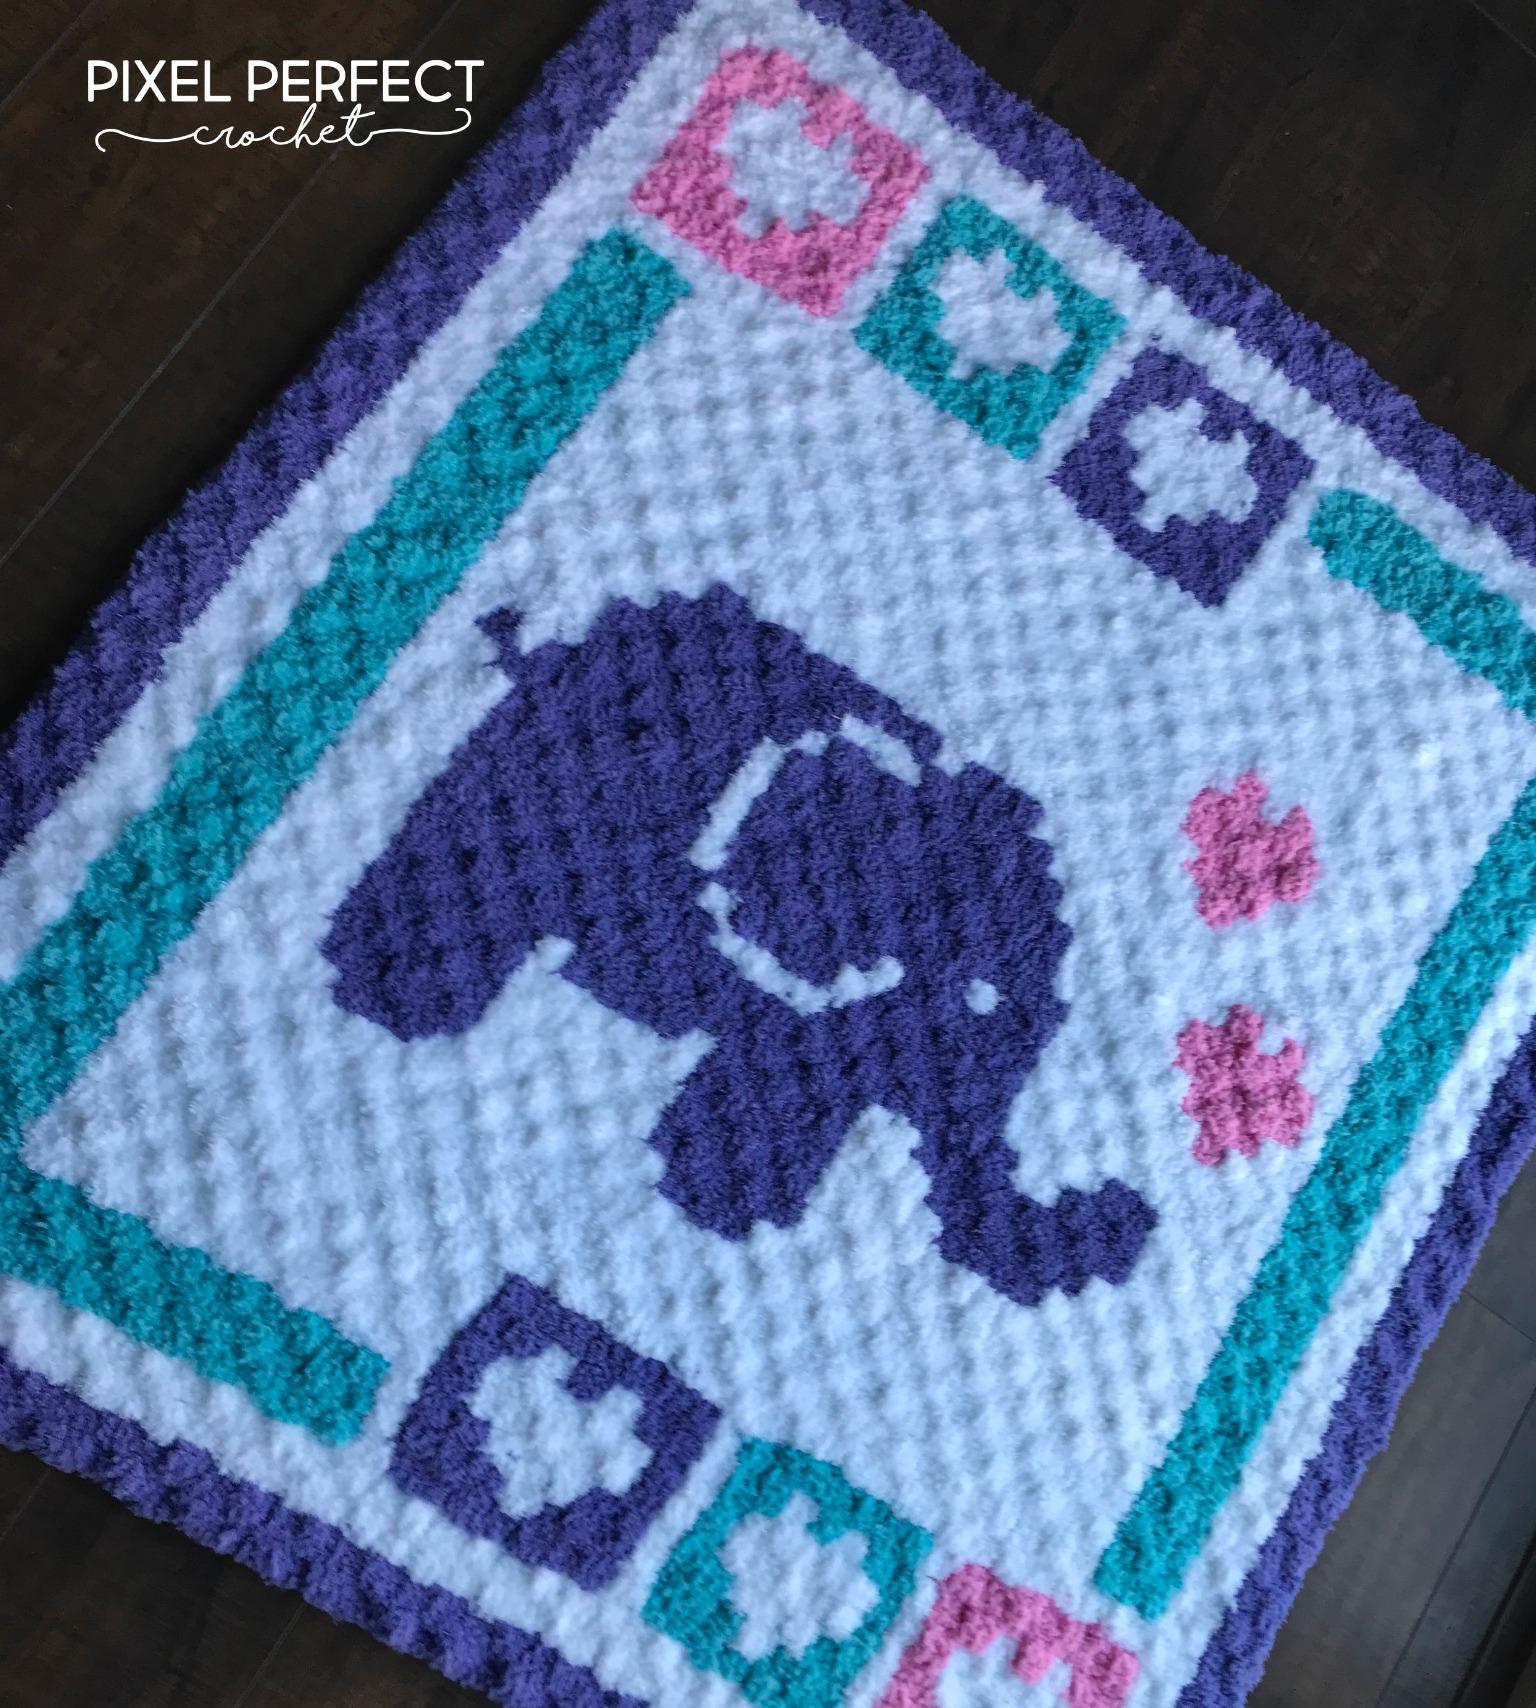 Elephant Blanket Free Crochet Pattern - Yarn & Hooks | 1708x1536